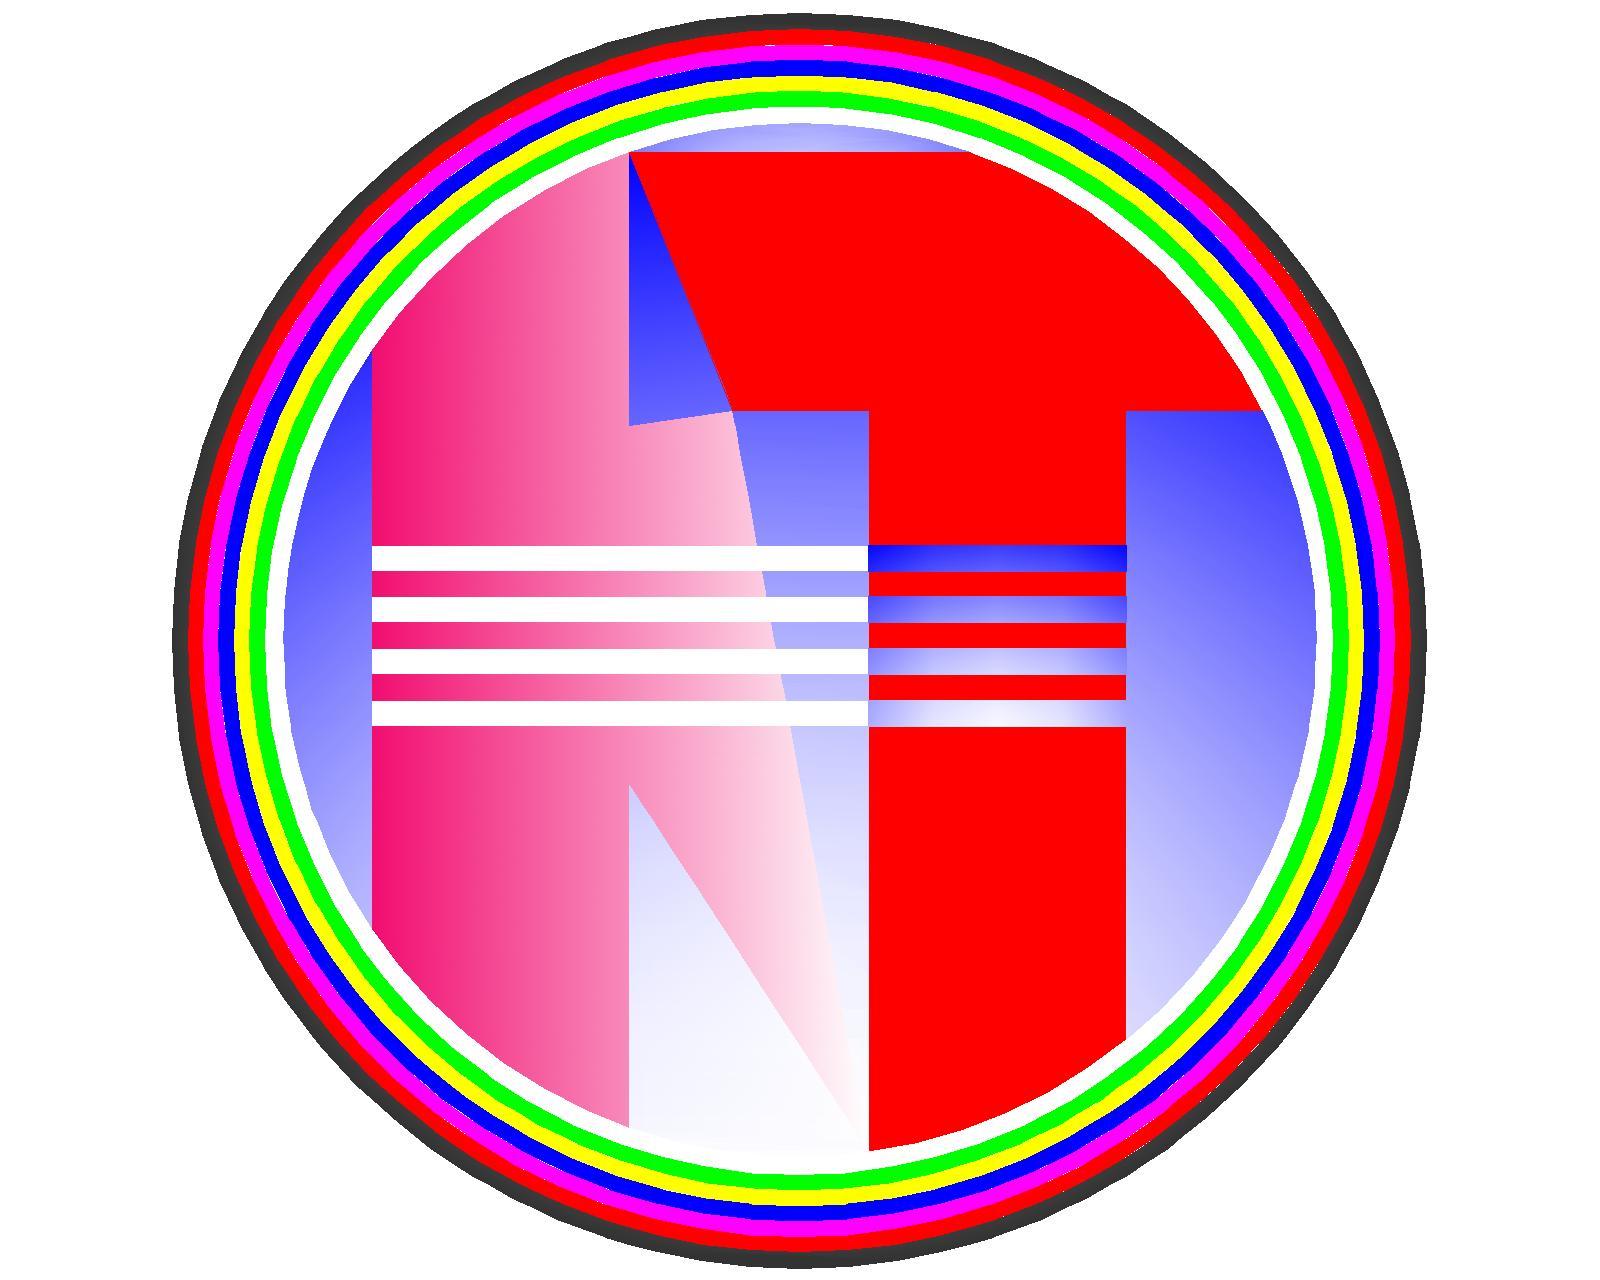 Ngoc-Thanh